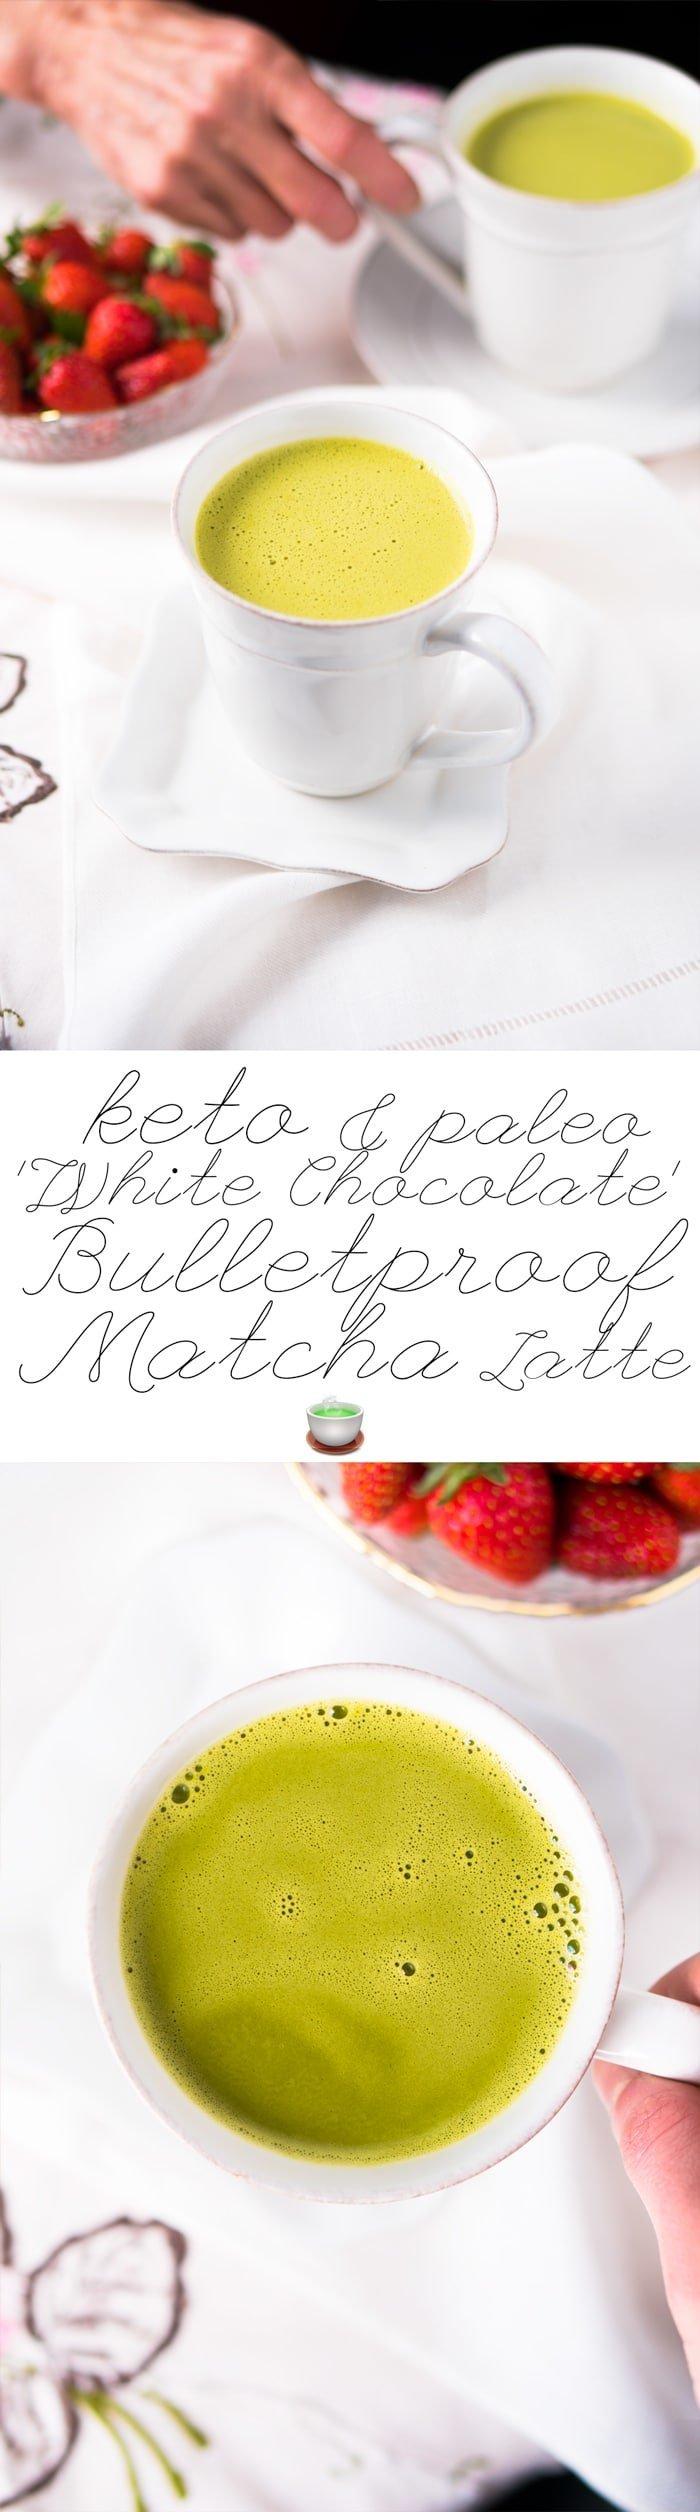 'White Chocolate' Keto Bulletproof Matcha Latte 🍵 #ketobulletproofcoffe #bpc #matchalatte